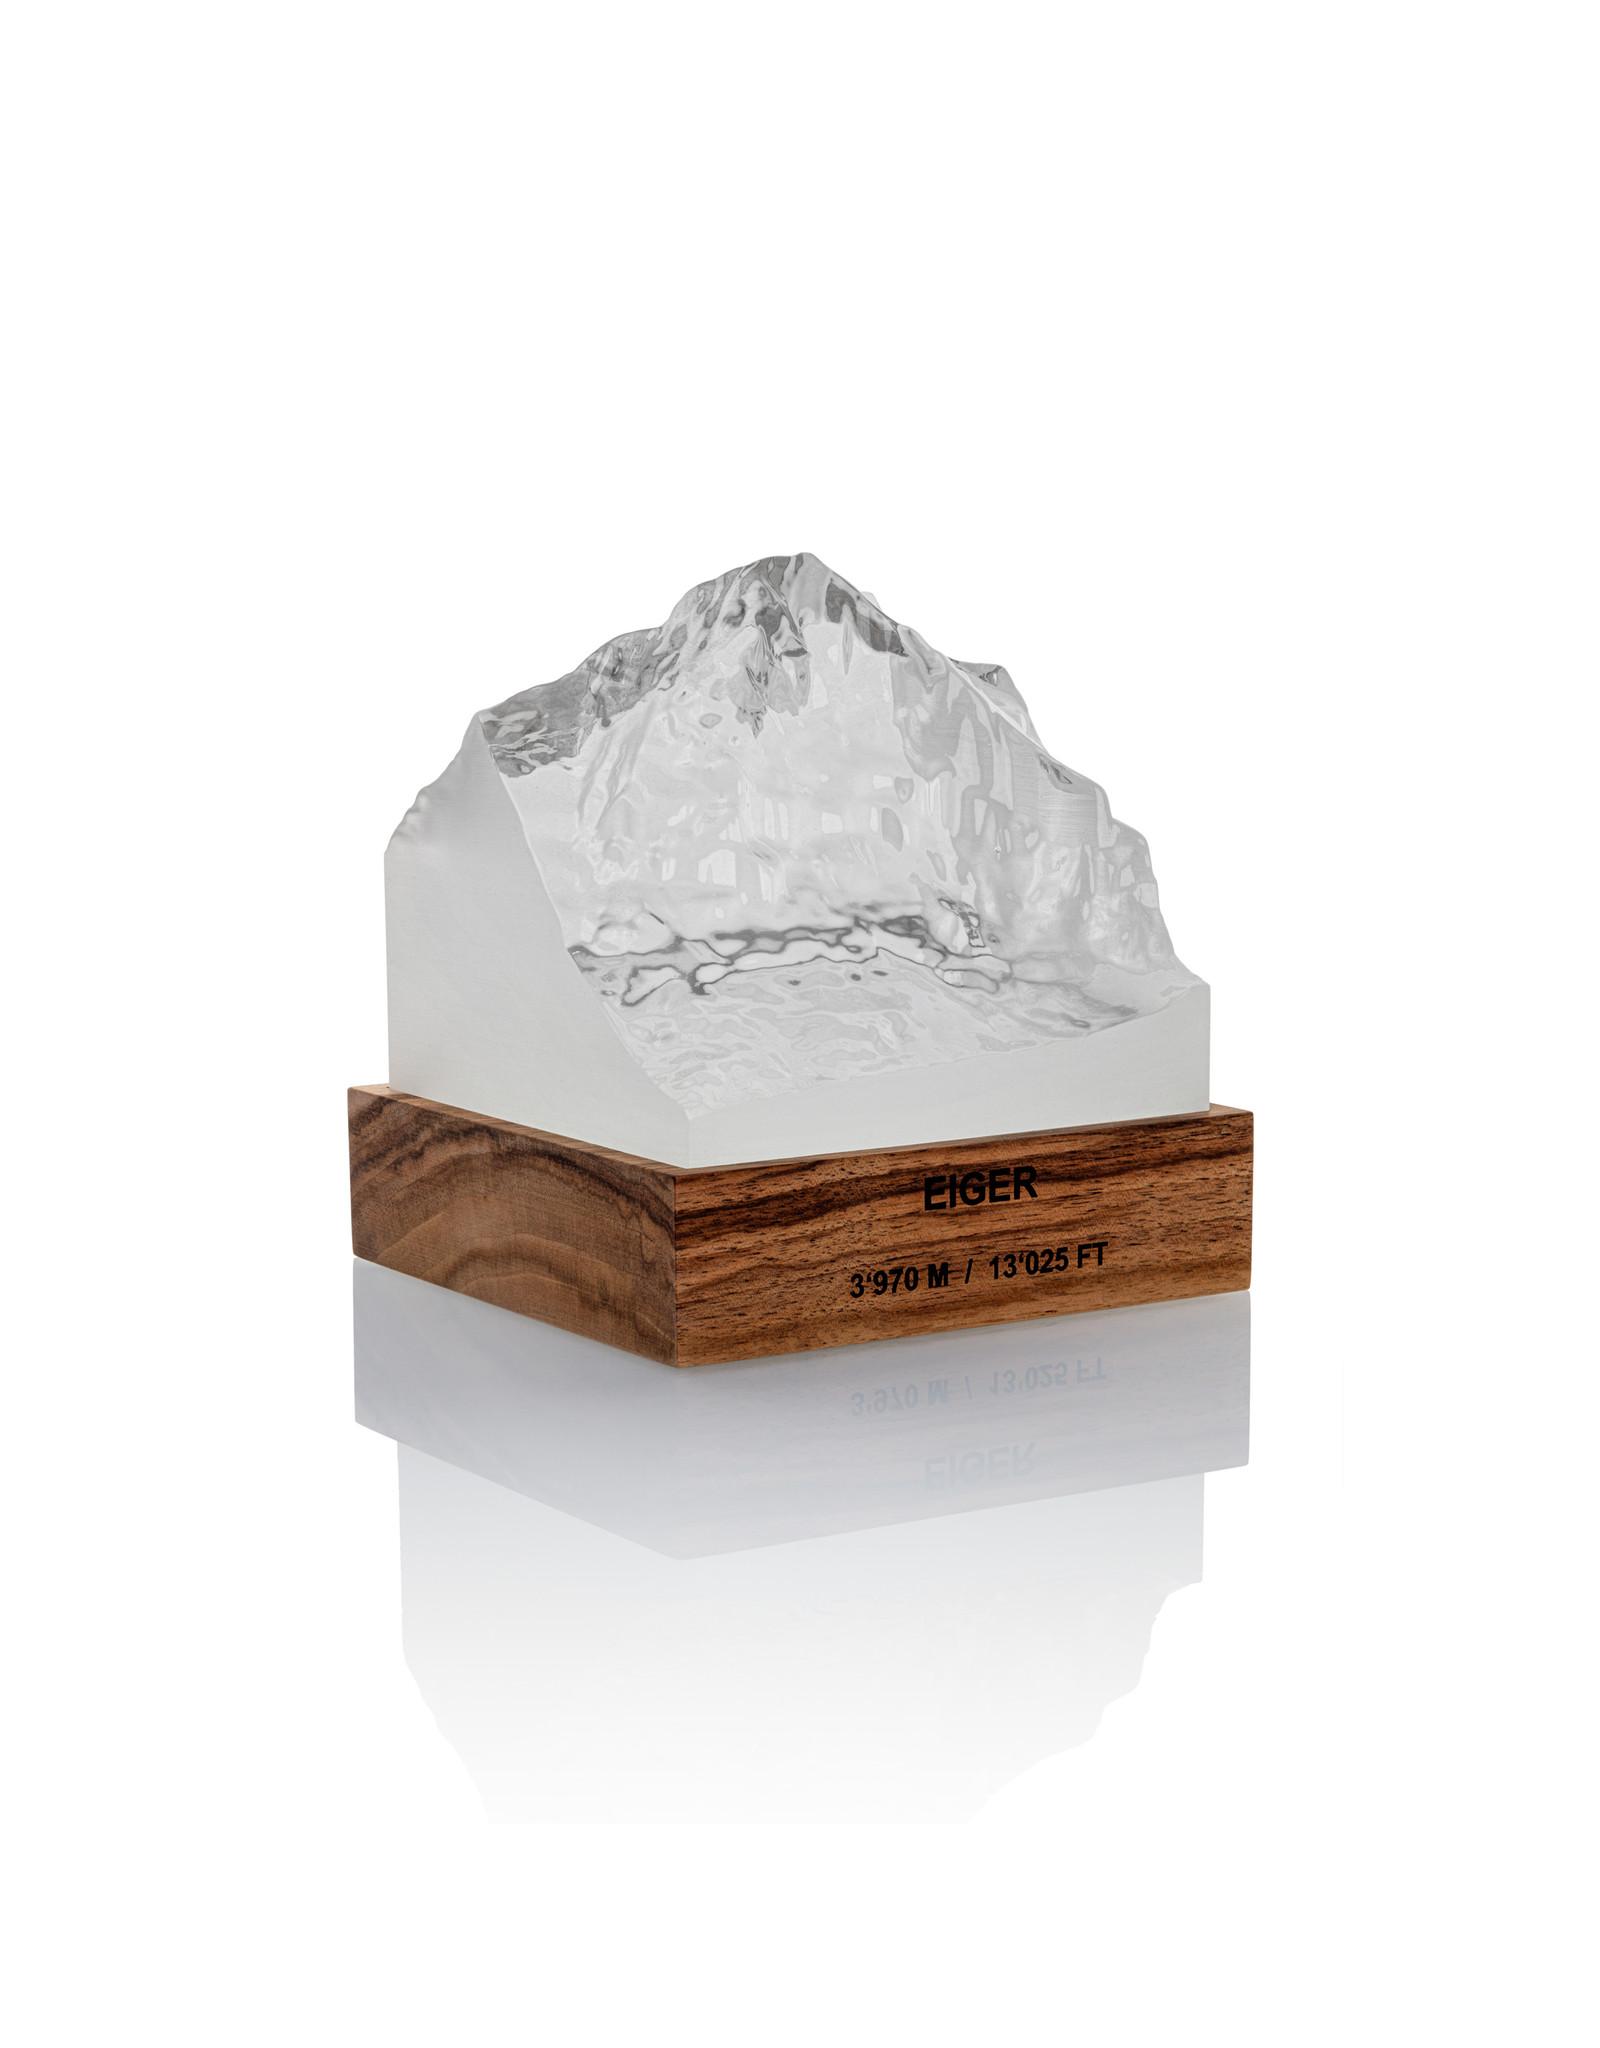 My Little Mountain Bergmodell Eiger Nussbaum/Kunstharz